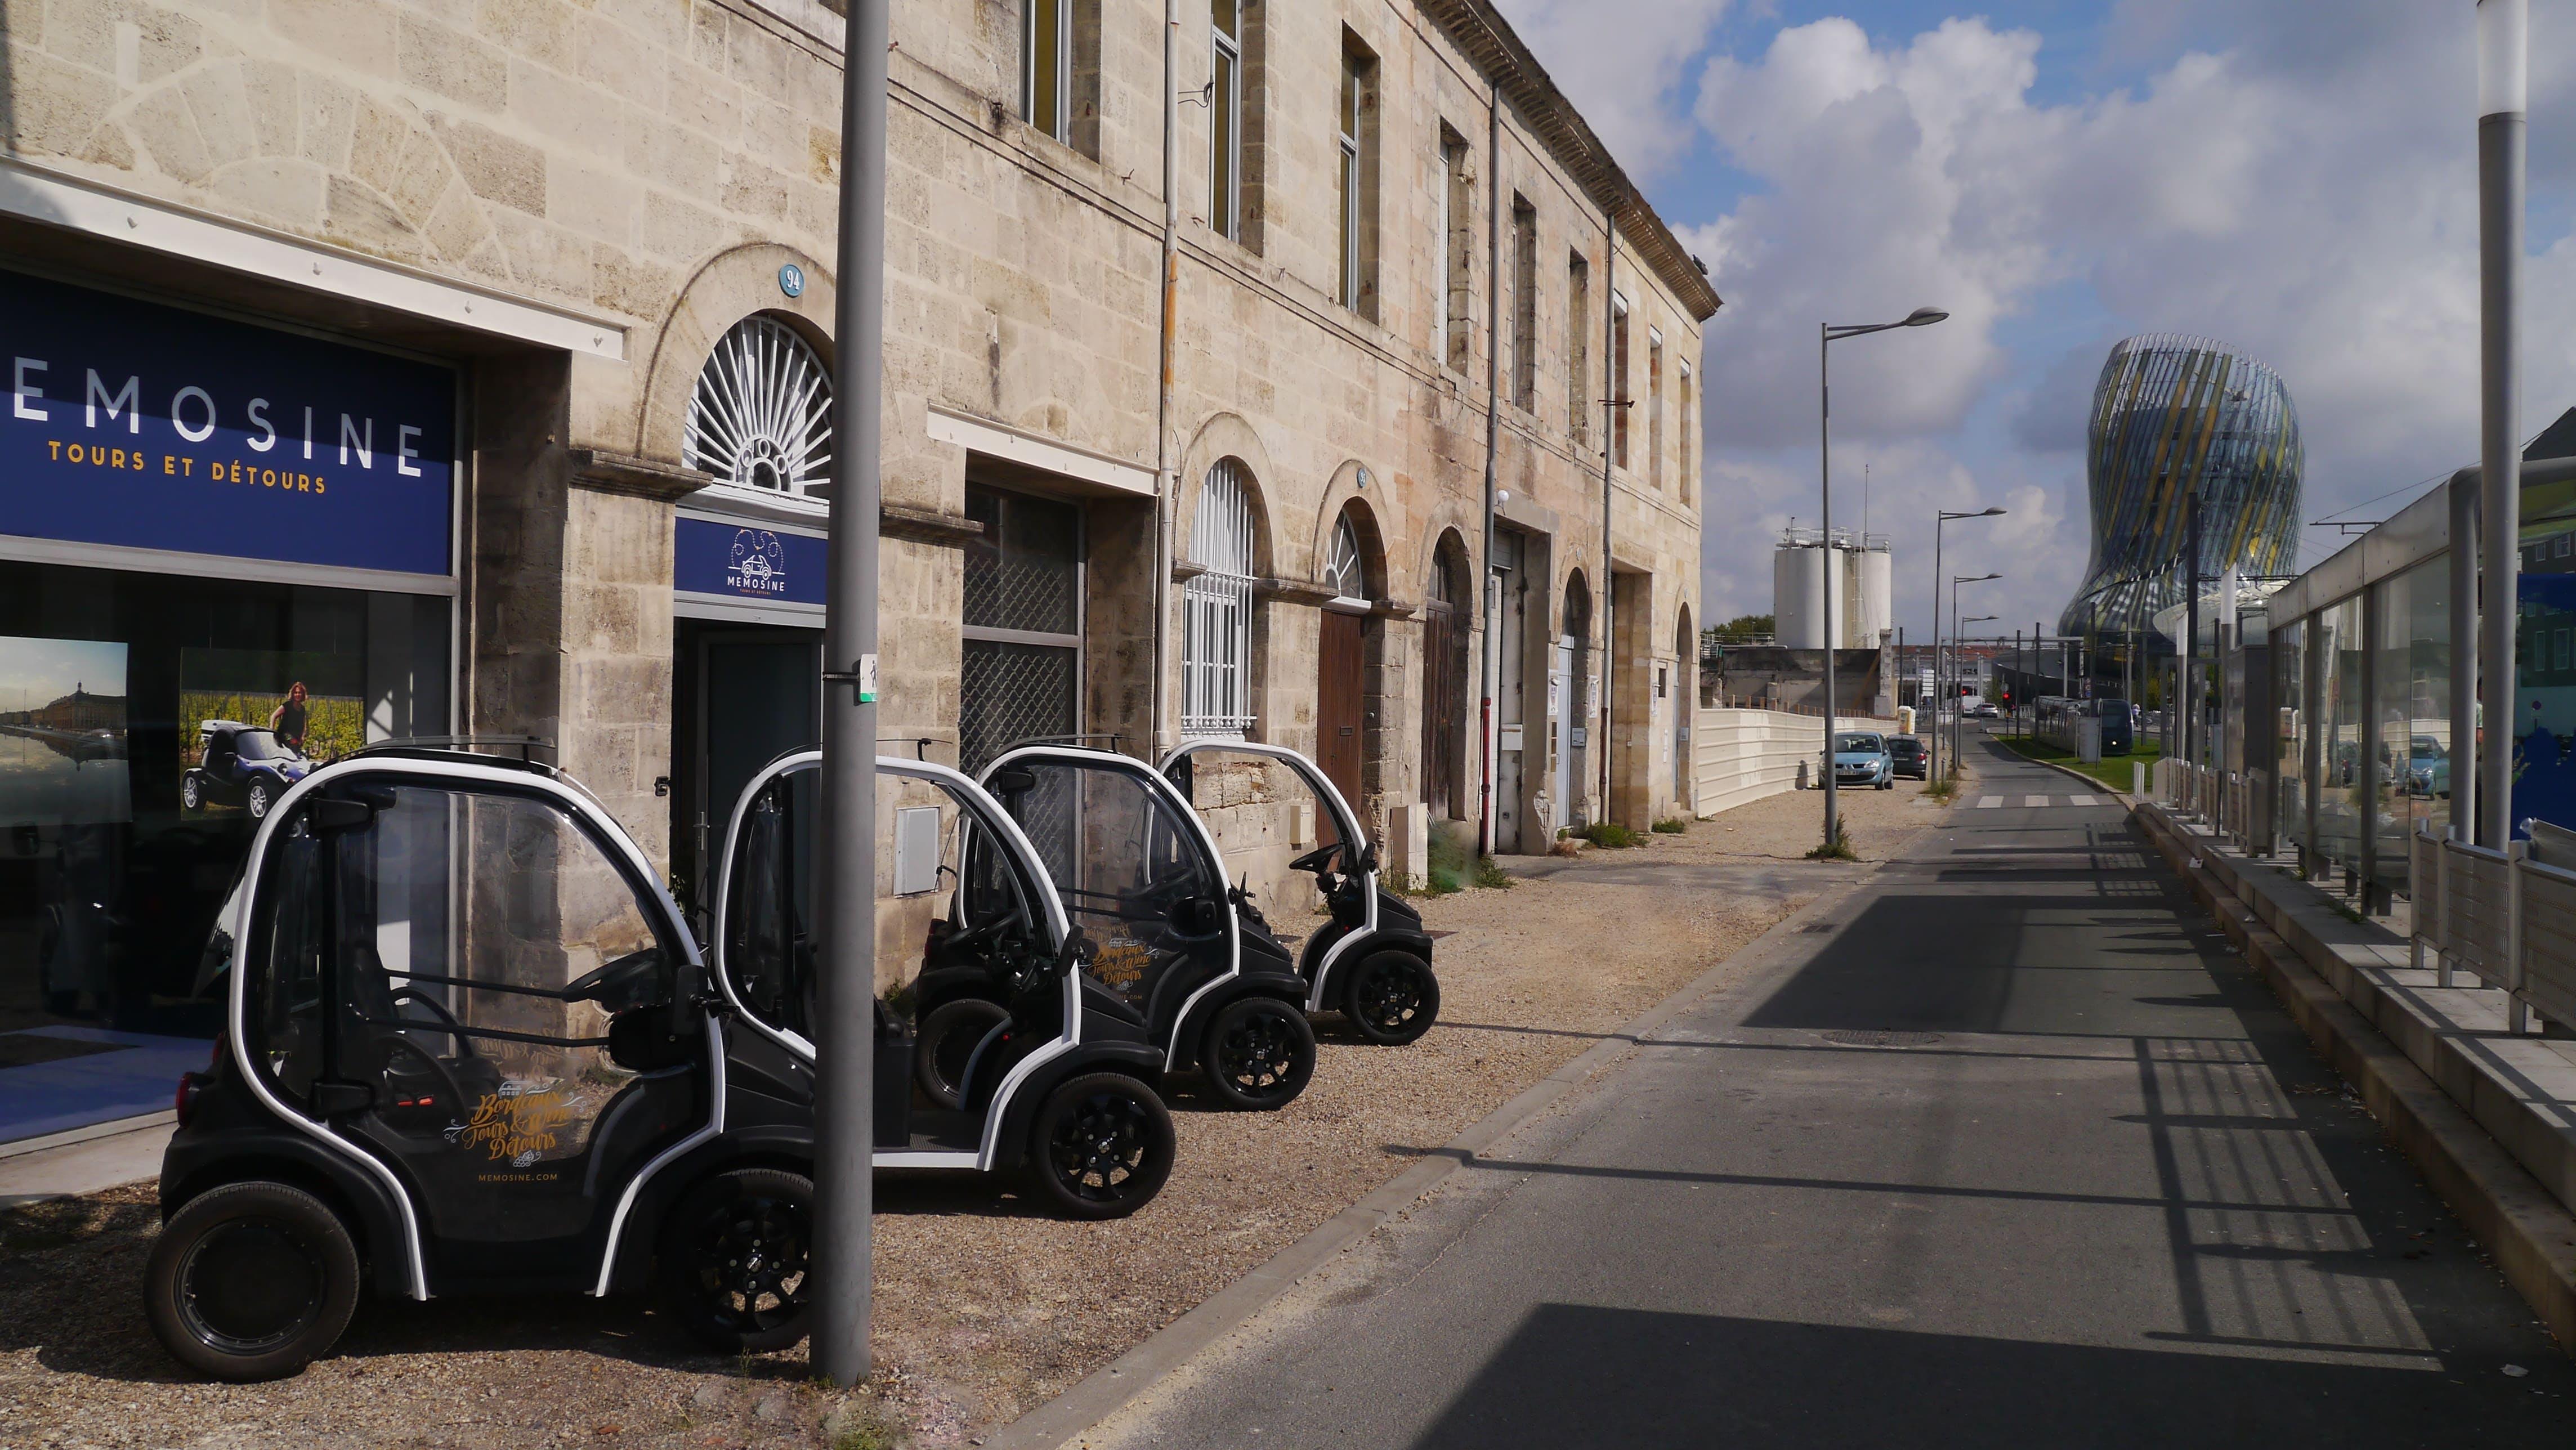 Tour por la ciudad extensa guía Bordeaux en un vehículo eléctrico-4